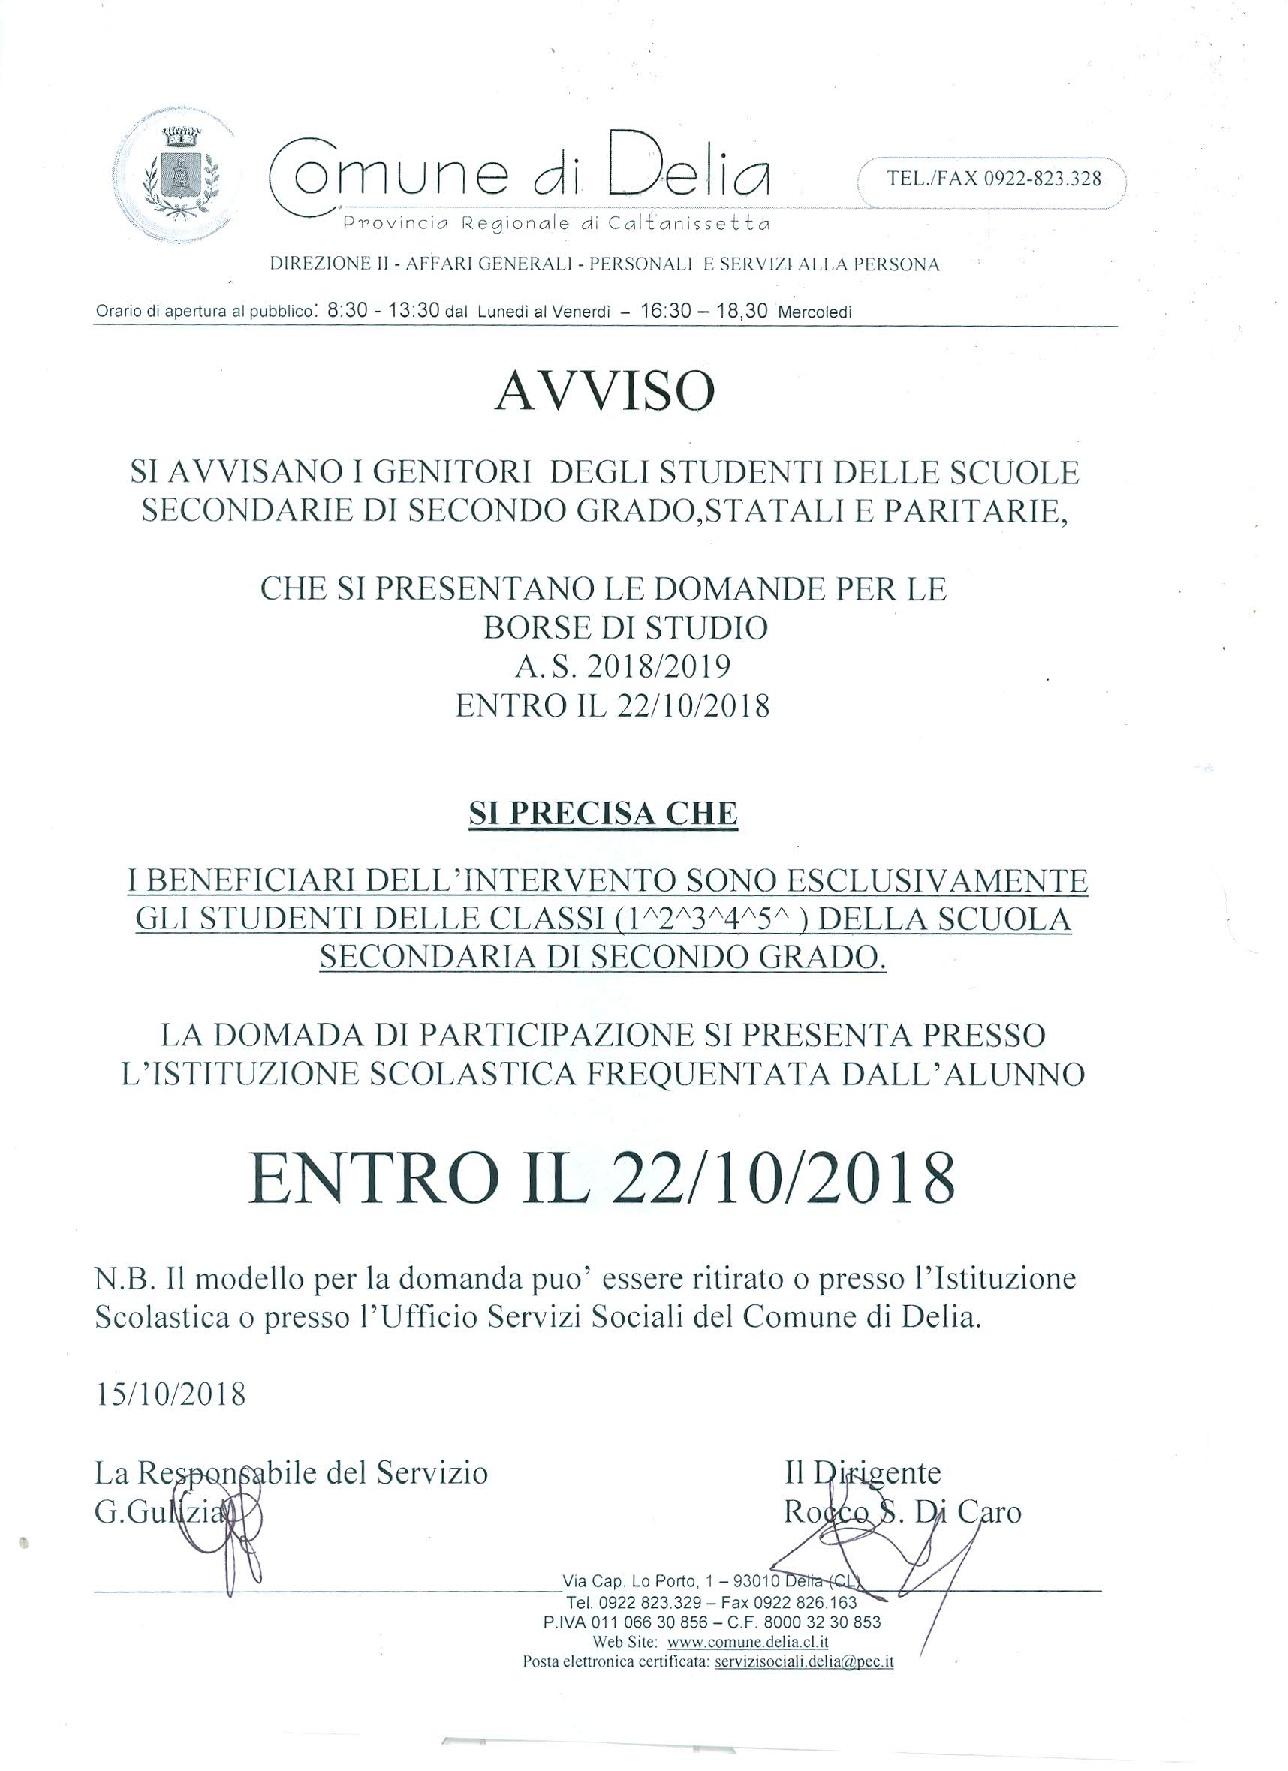 BORSE DI STUDIO.